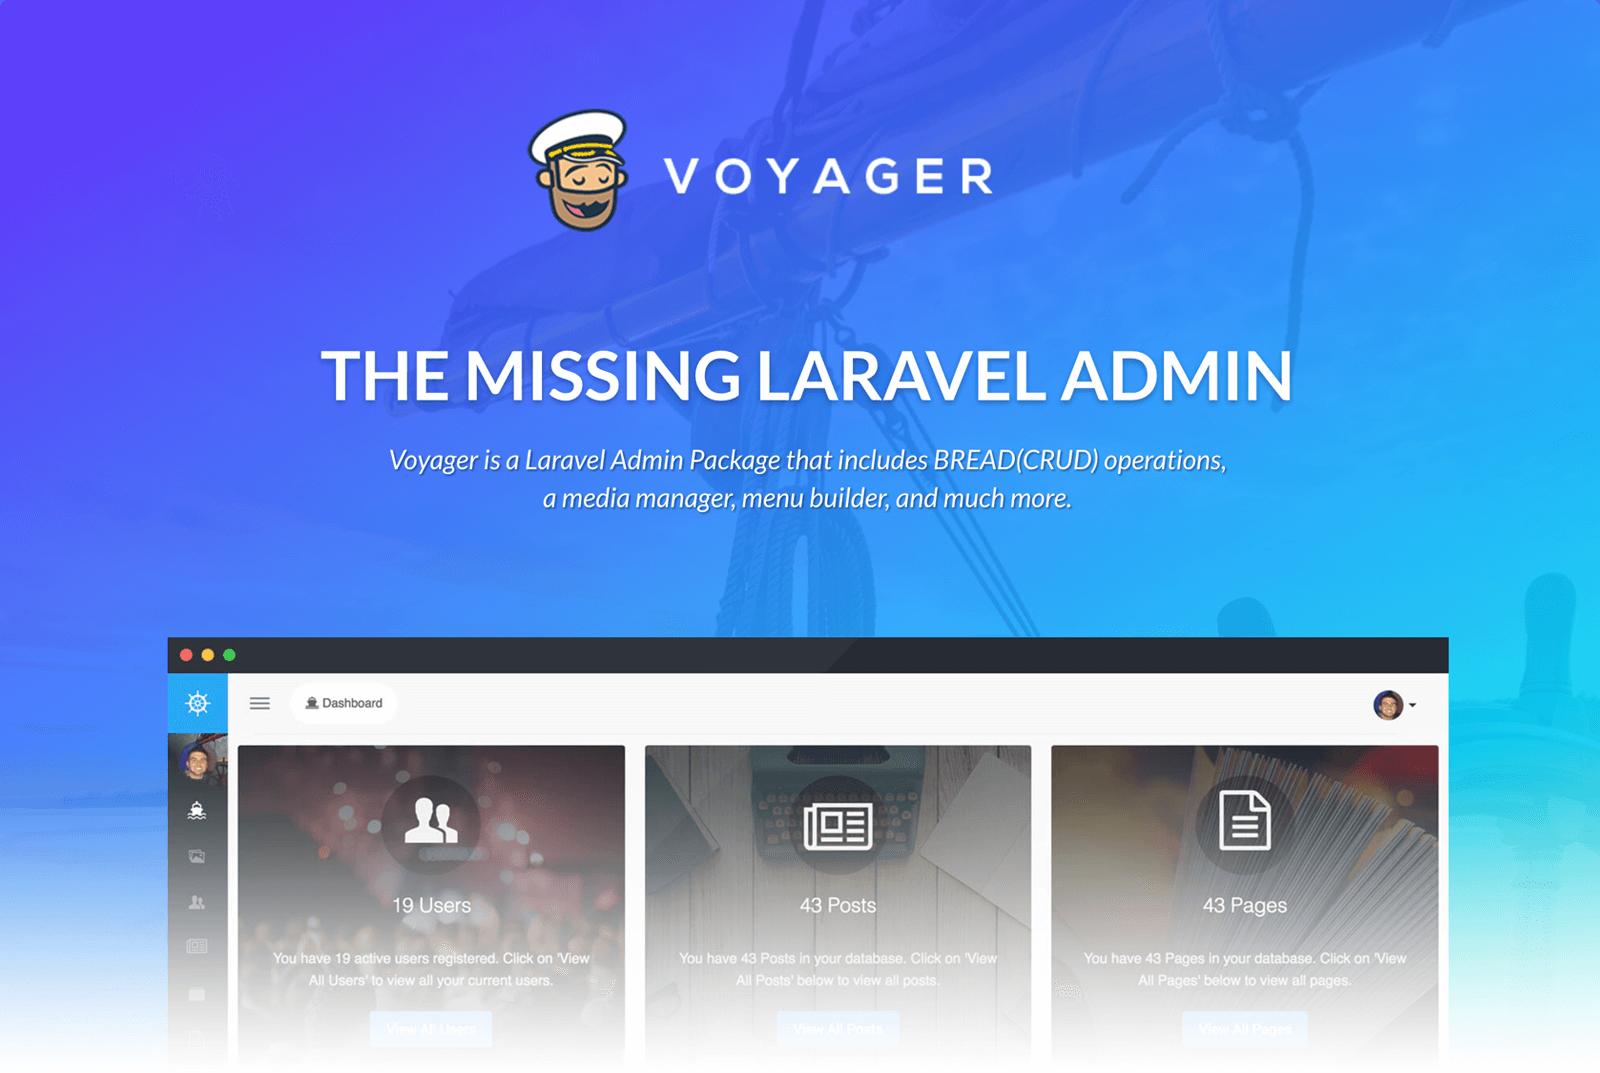 Voyager Screenshot